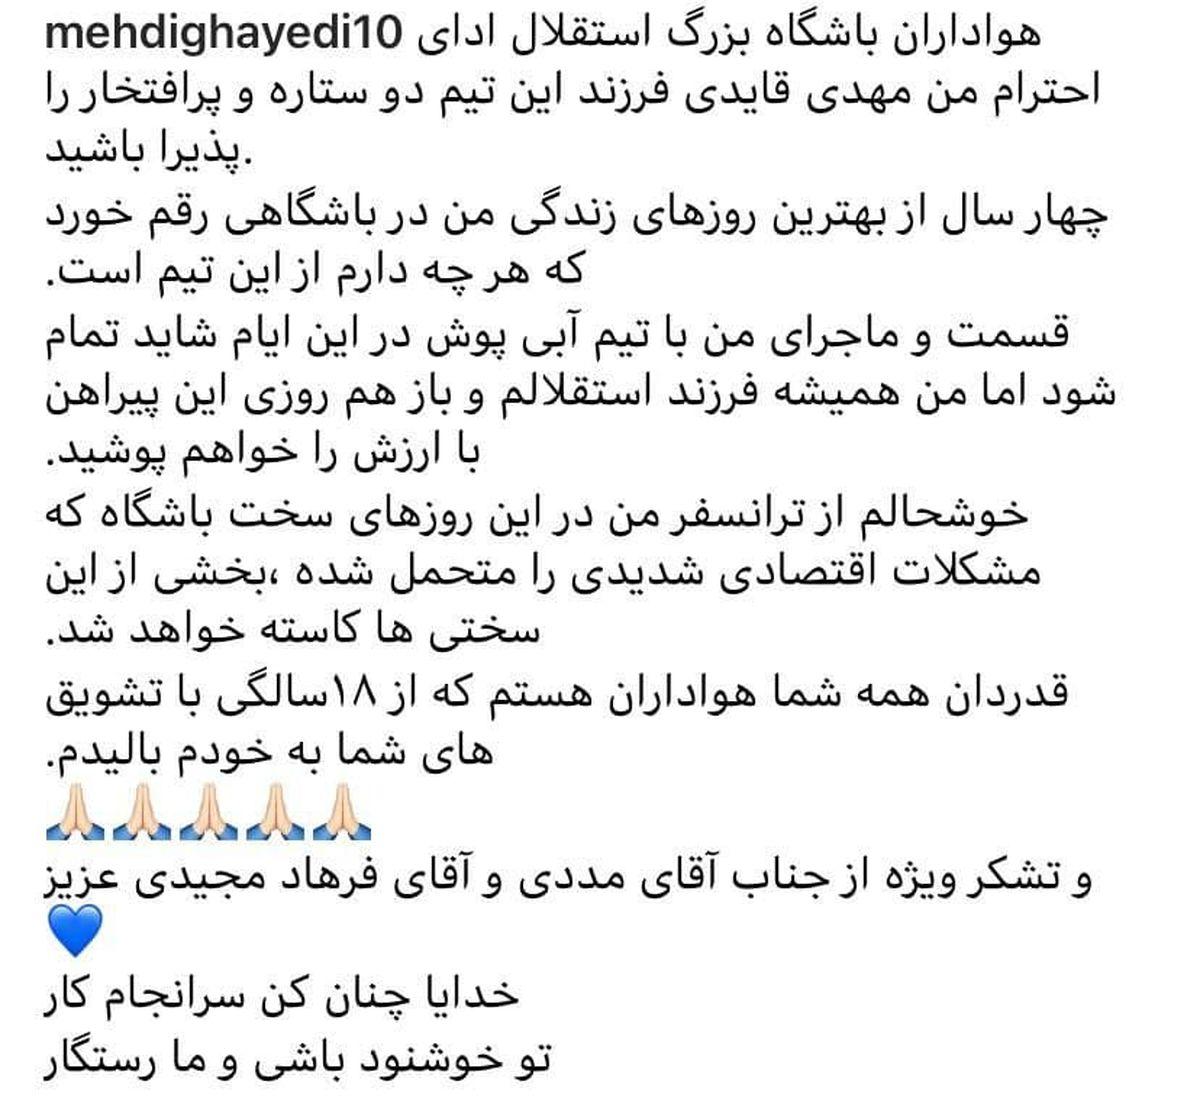 فوری | خداحافظی تلخ مهدی قائدی